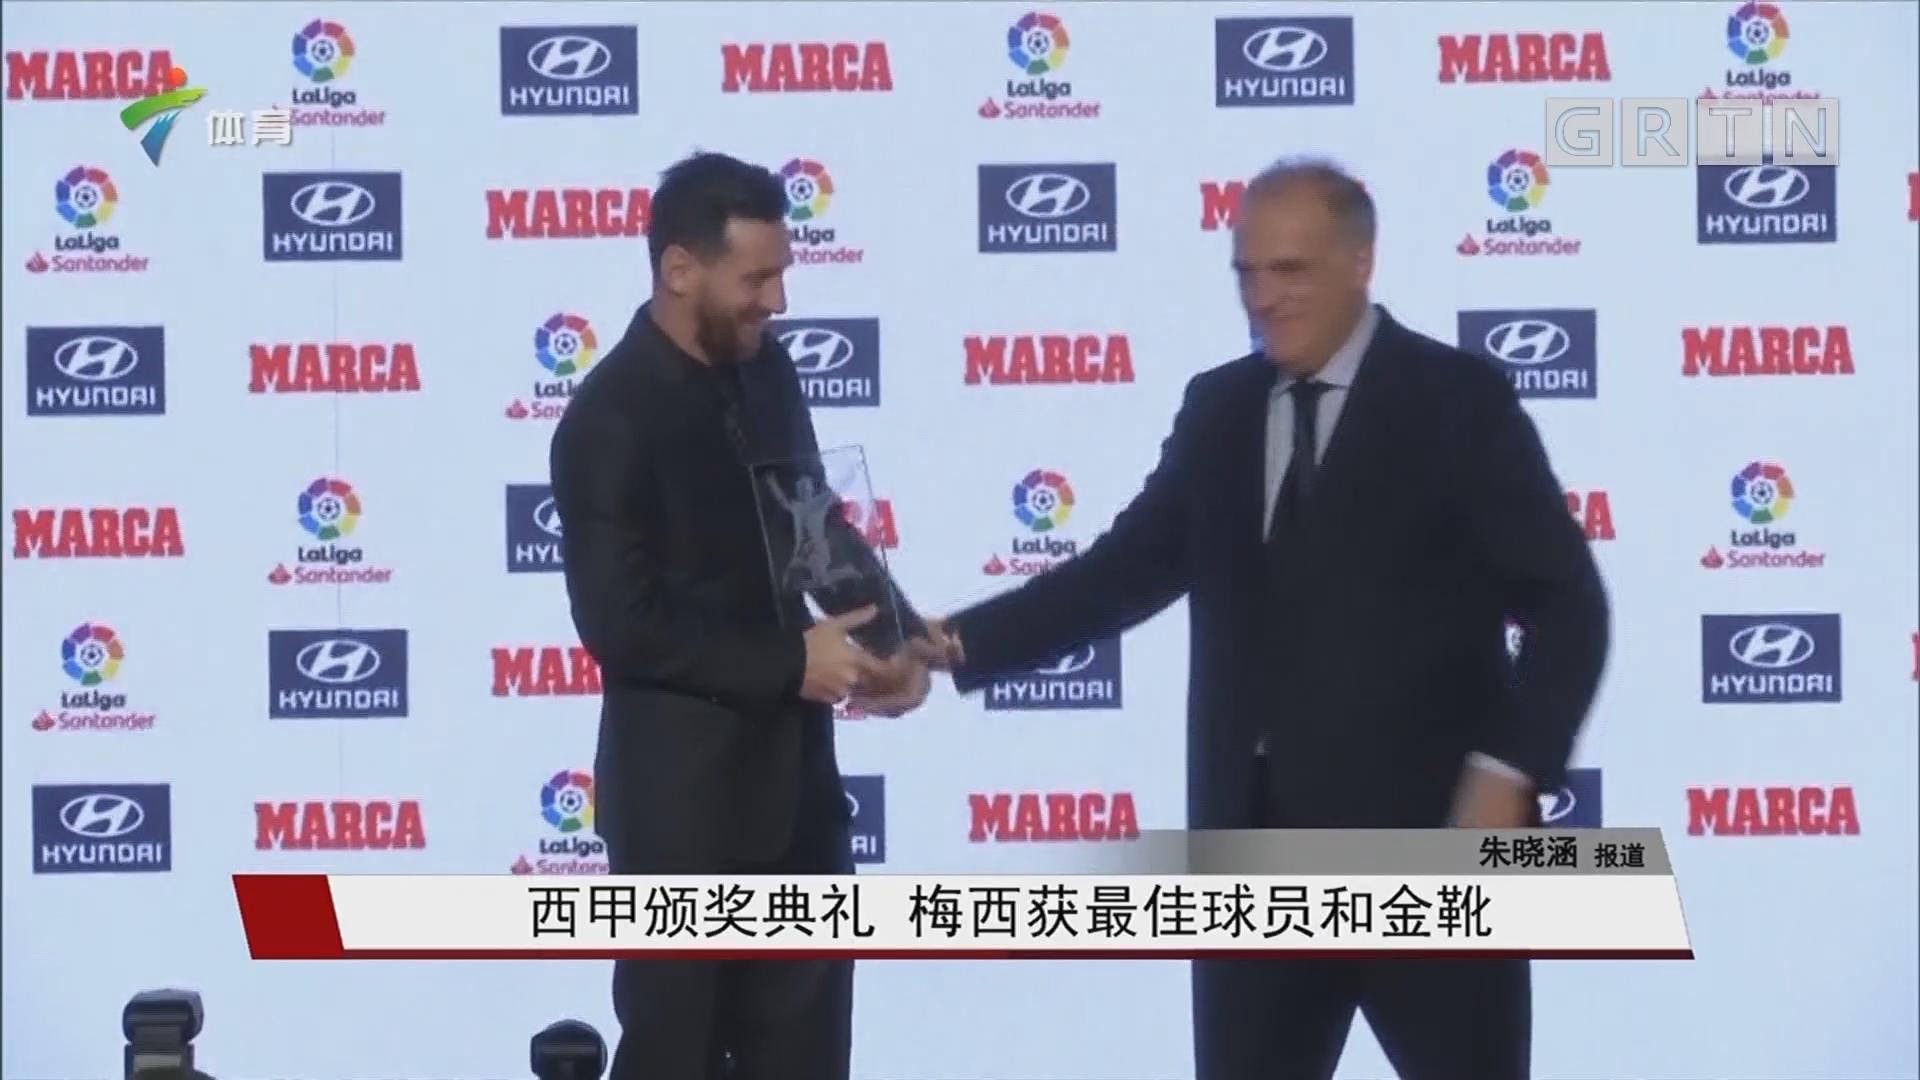 西甲颁奖典礼 梅西获最佳球员和金靴